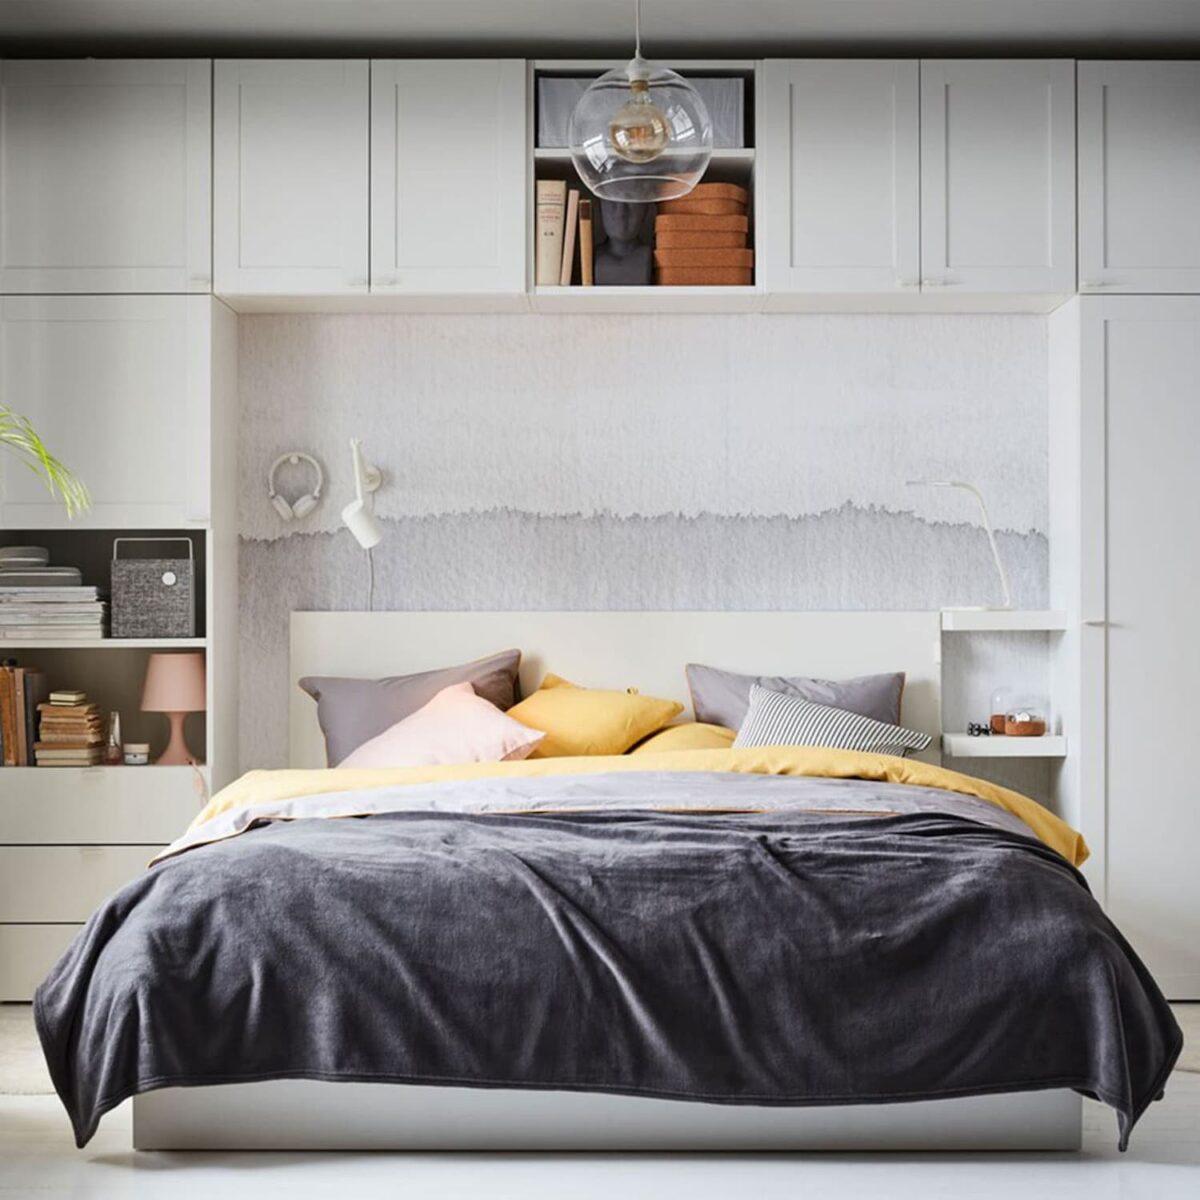 camera-con-letto-alla-francese-ponte-2